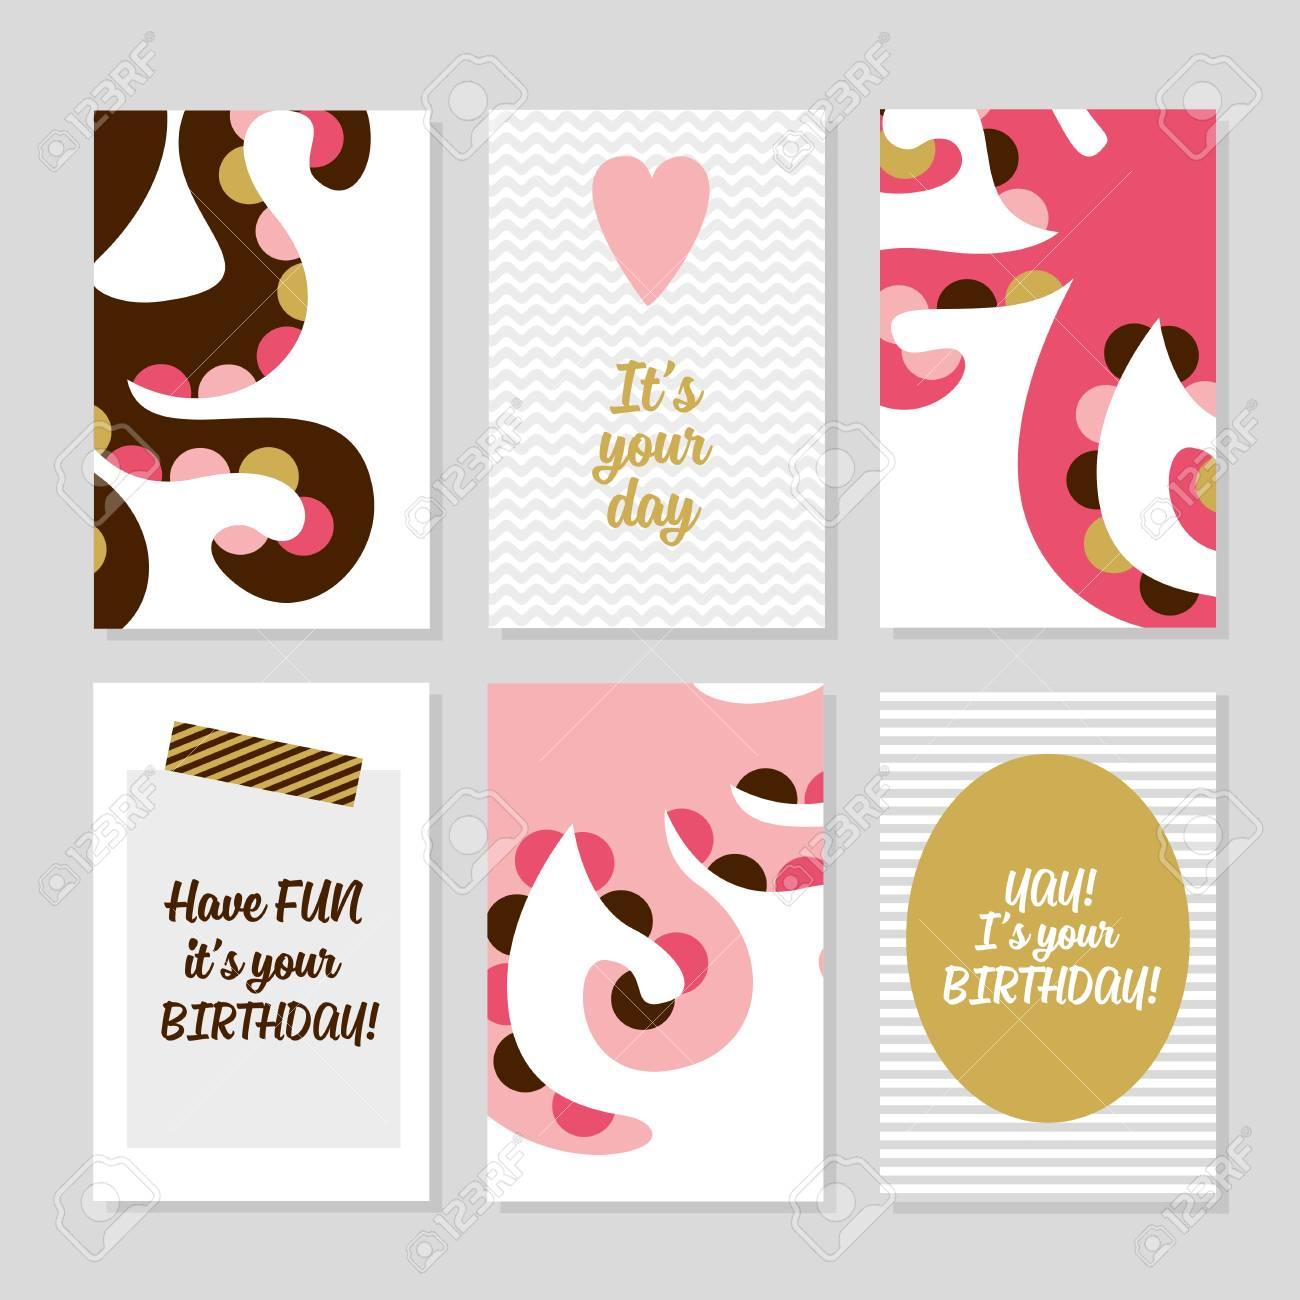 Conjunto De 6 Plantillas De Tarjetas Creativas Lindo Con Diseño De ...